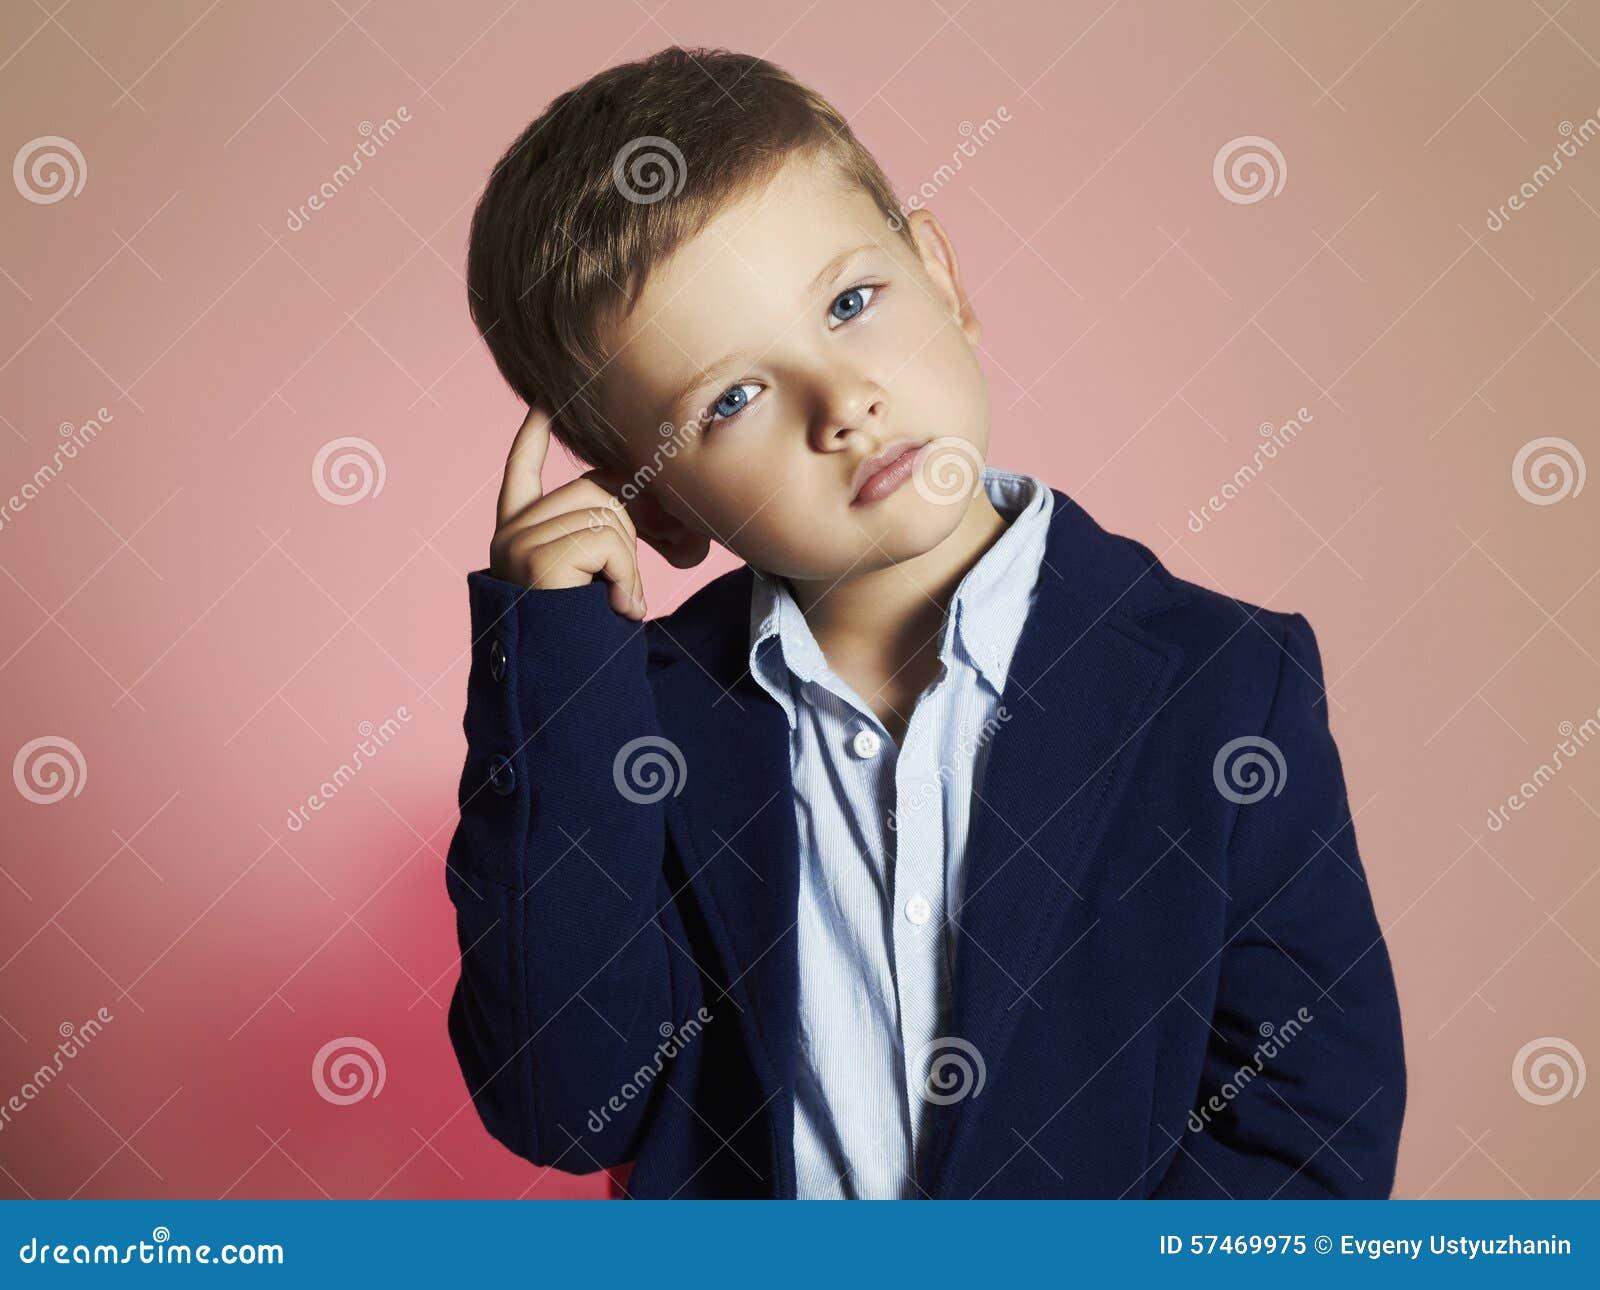 μοντέρνο μικρό παιδί μοντέρνο παιδί στο κοστούμι Fashion Children